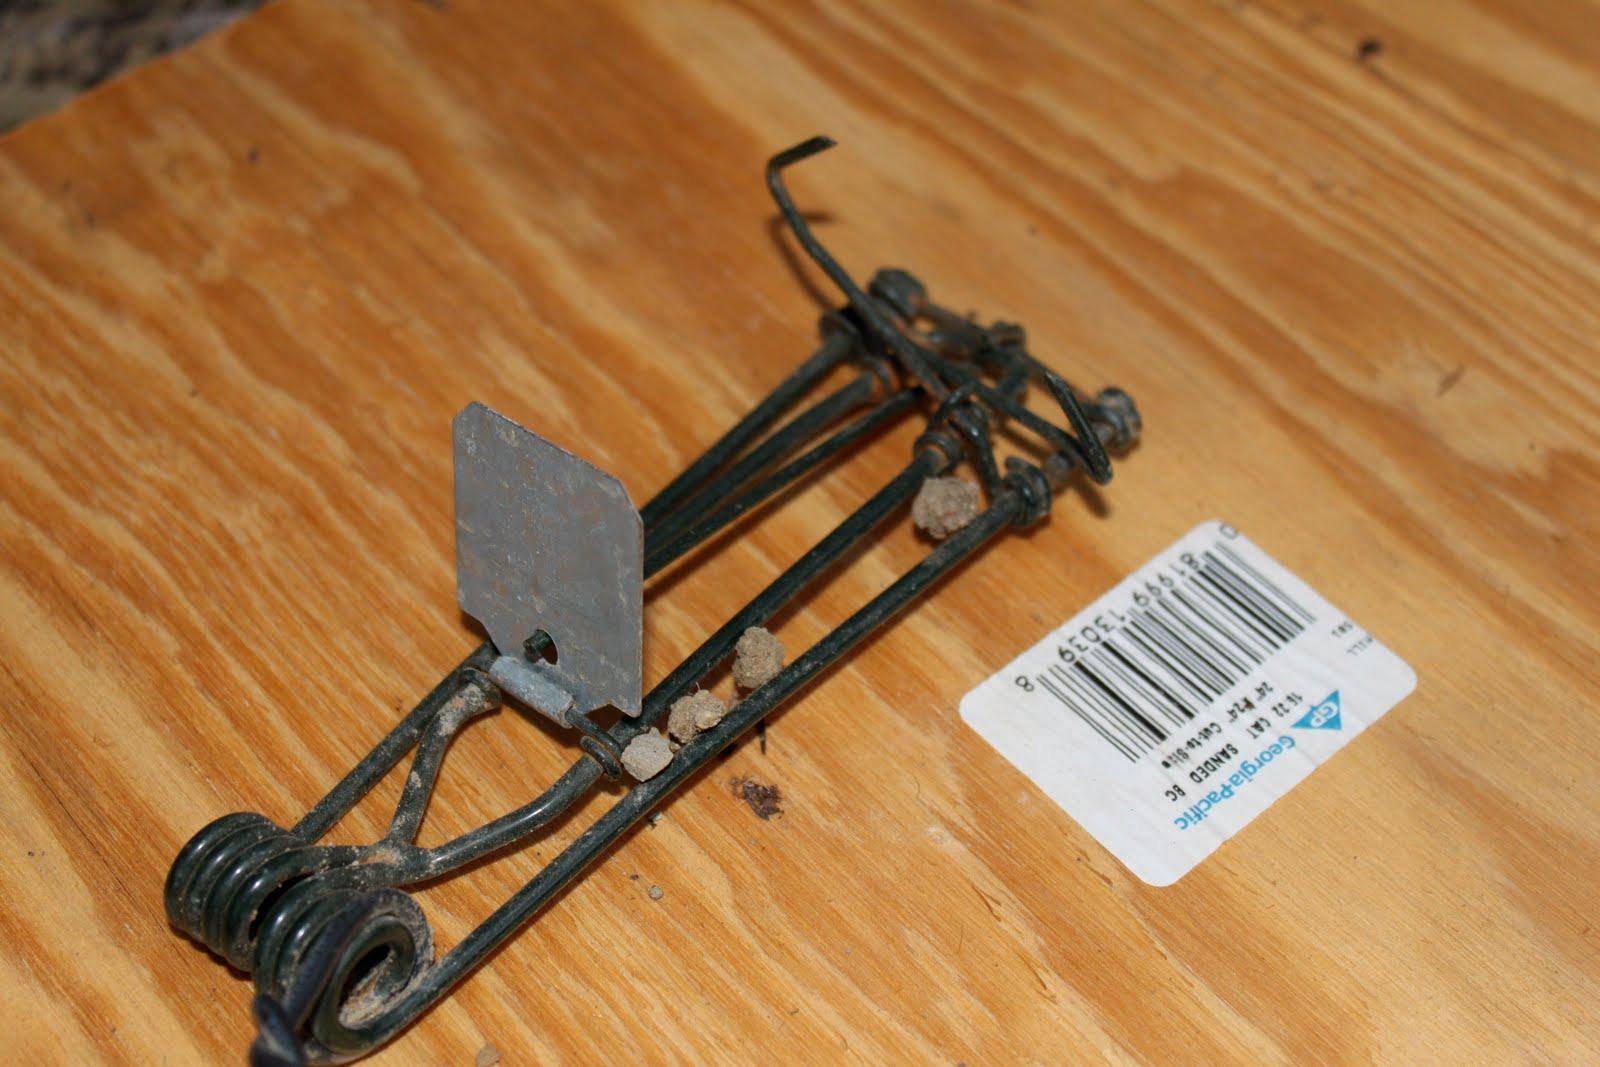 macabees gopher traps